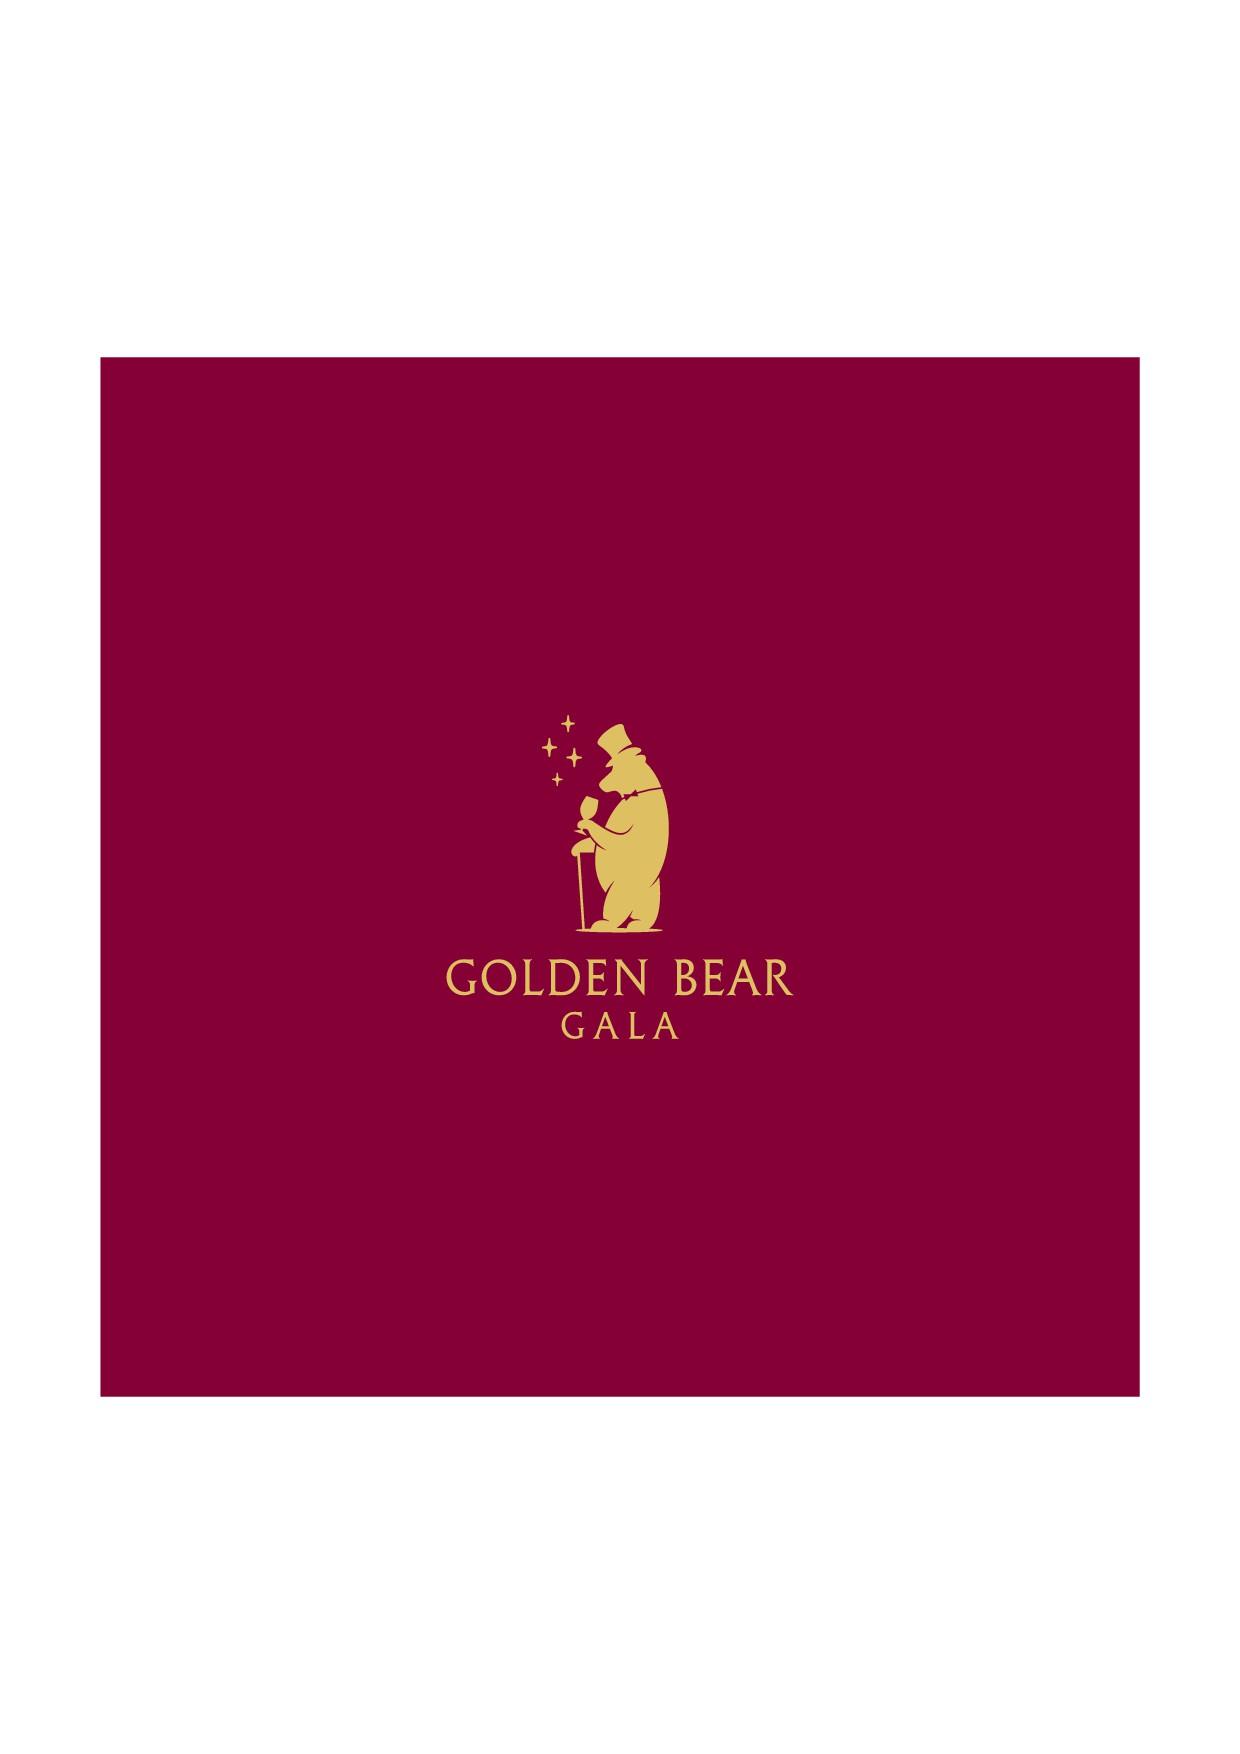 Golden Bear Gala (2018)